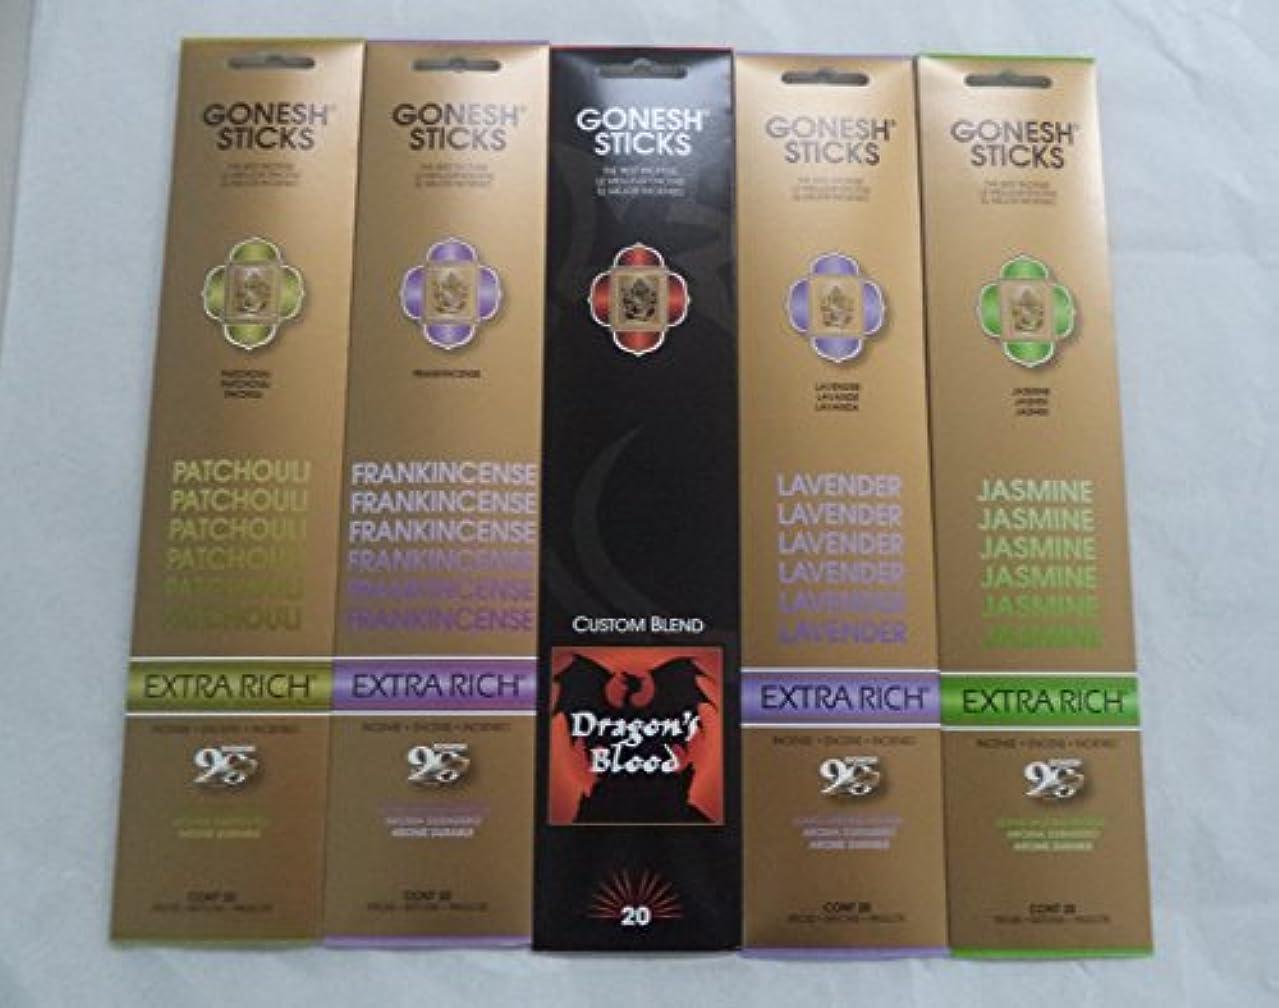 二層バスタブプロテスタントGonesh Incense Stick Best SellerコンボVariety Set # 1 5 x 20 = 100 Sticks